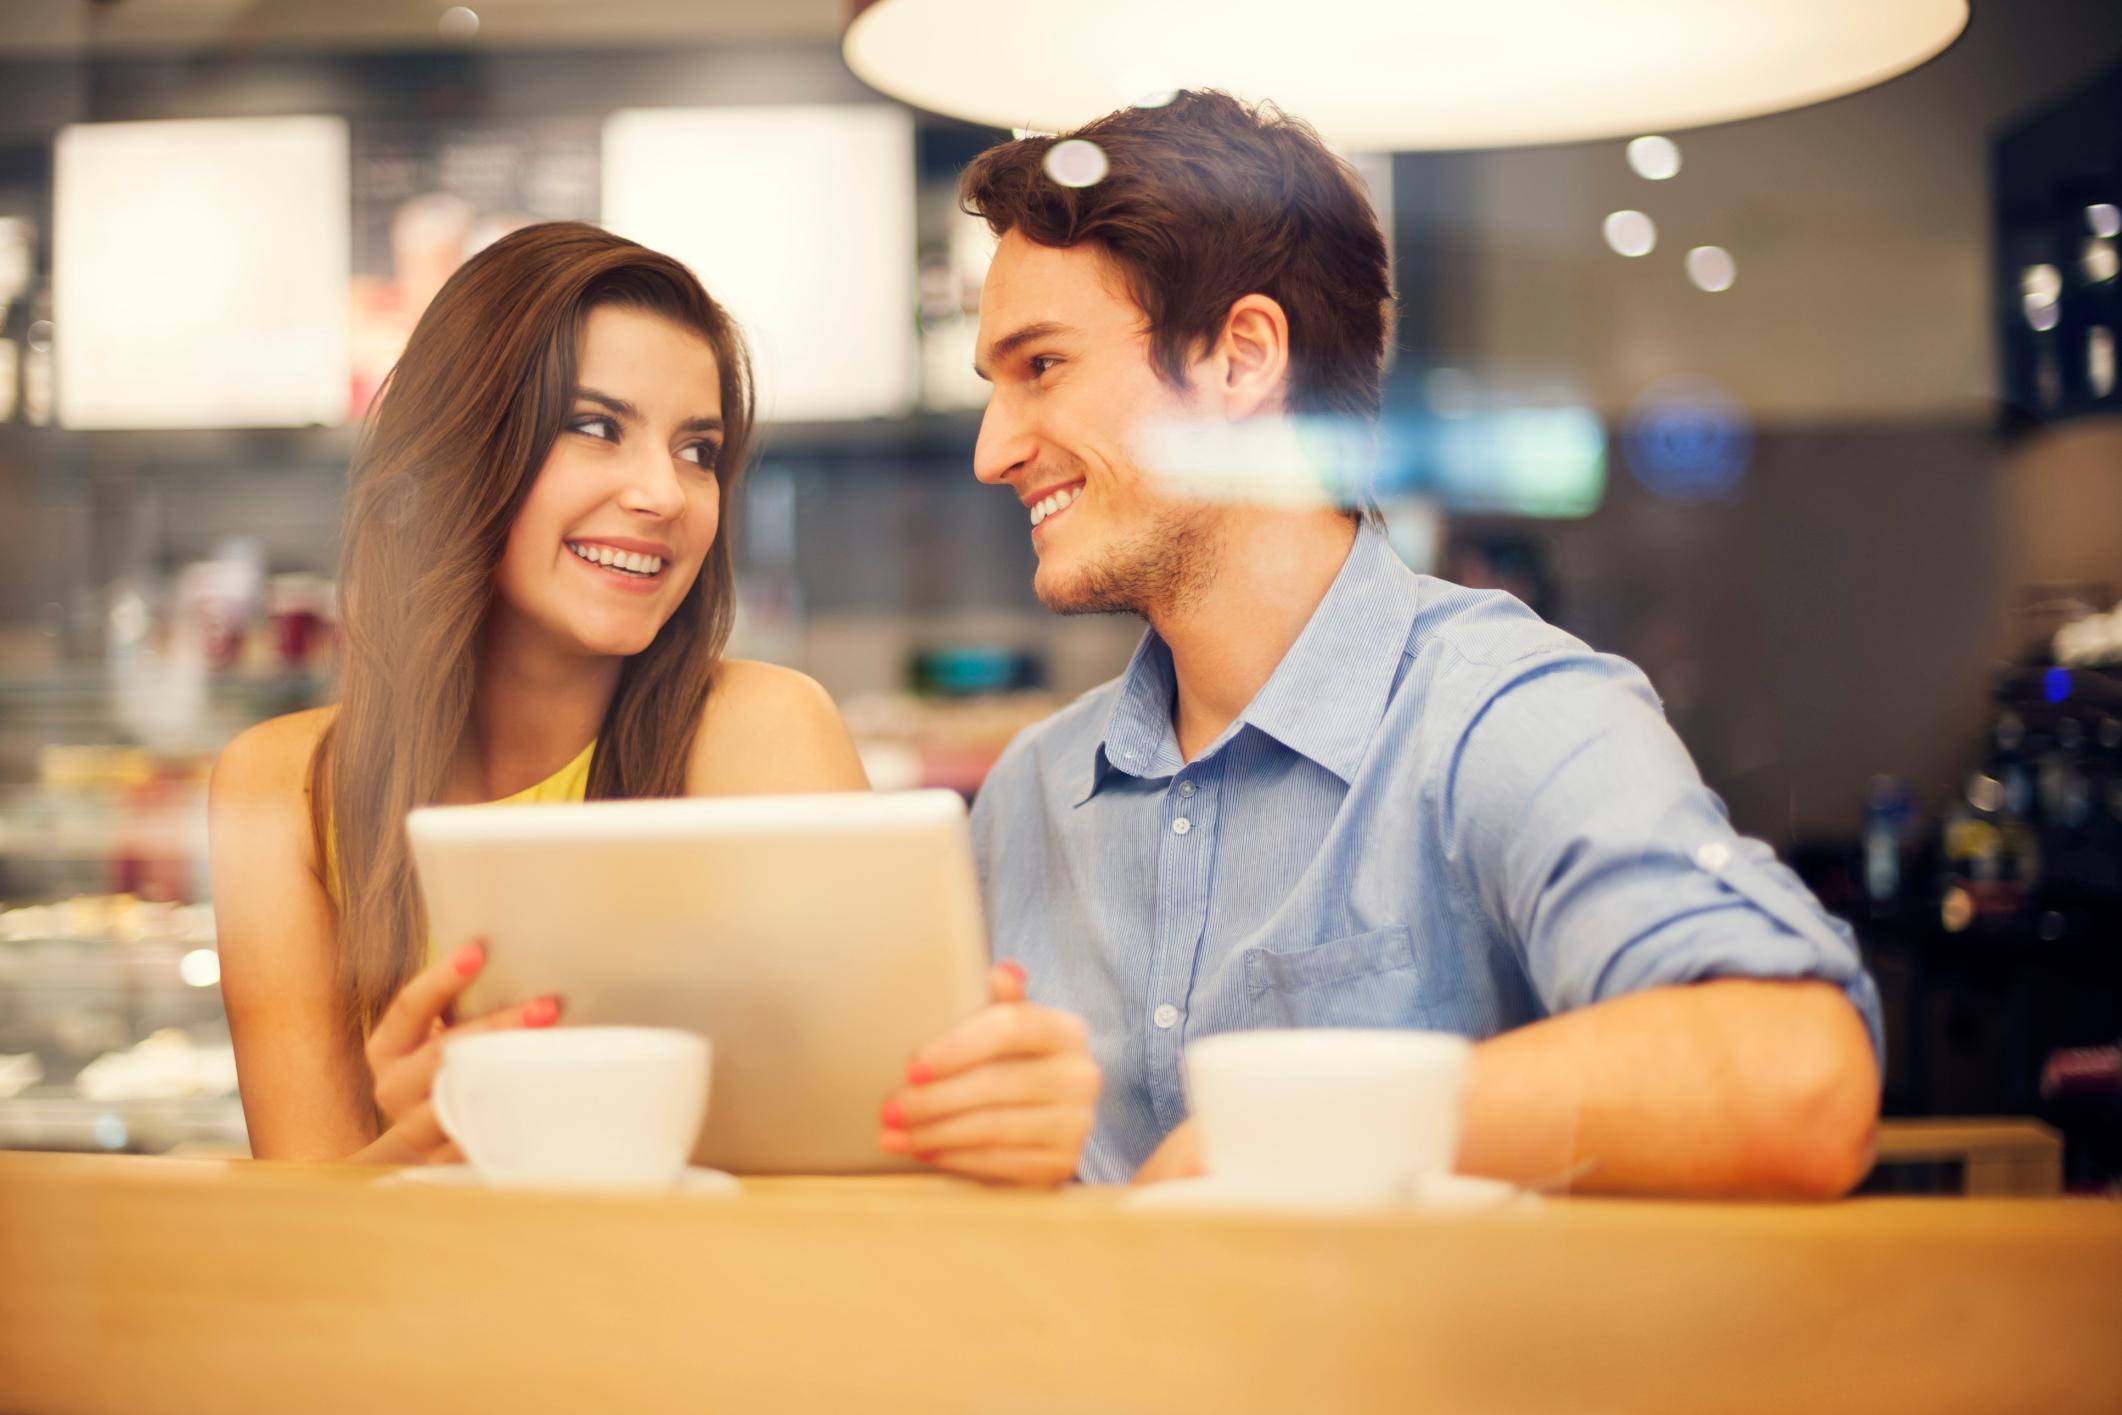 С чего начинать общение в сайтах знакомств